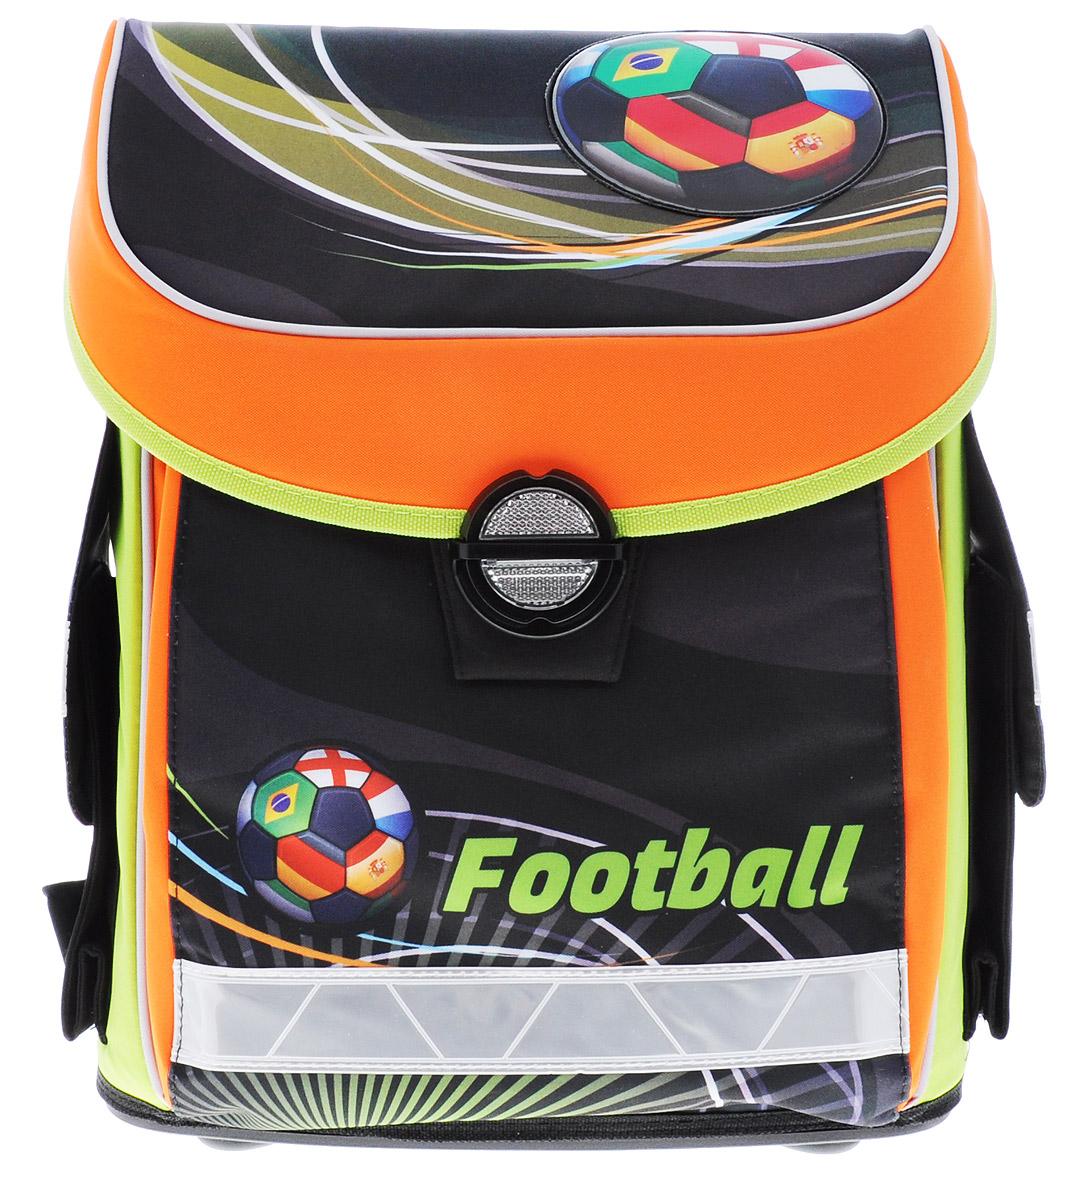 Hatber Школьный ранец Football hatber школьный ранец football